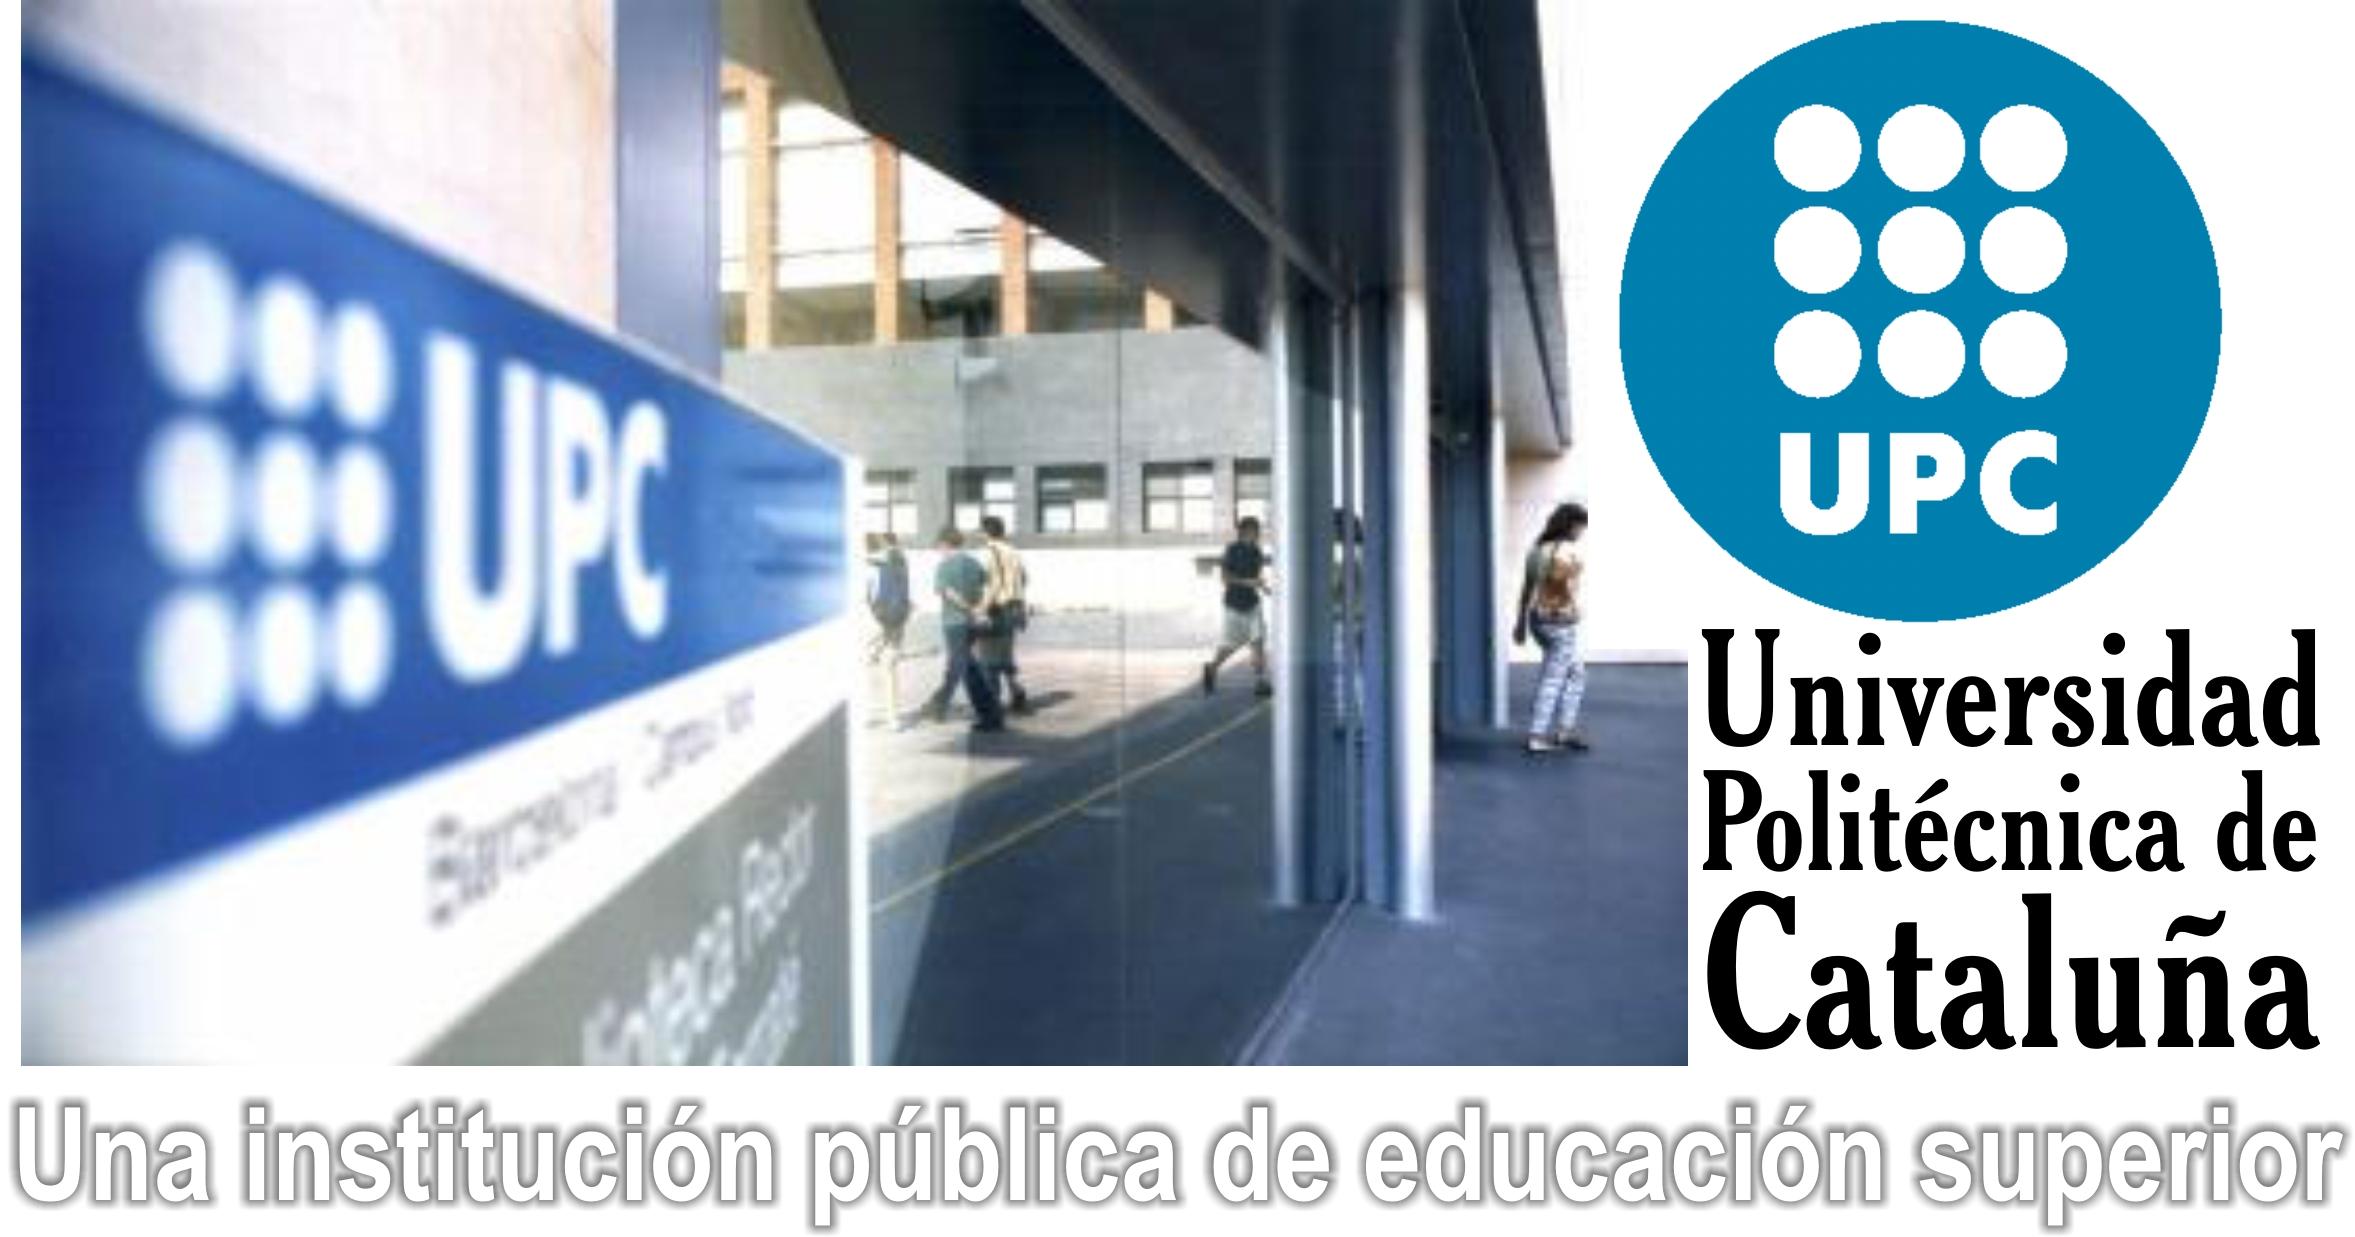 Universidad Politecnica de Cataluña, una institución pública de educación superior.